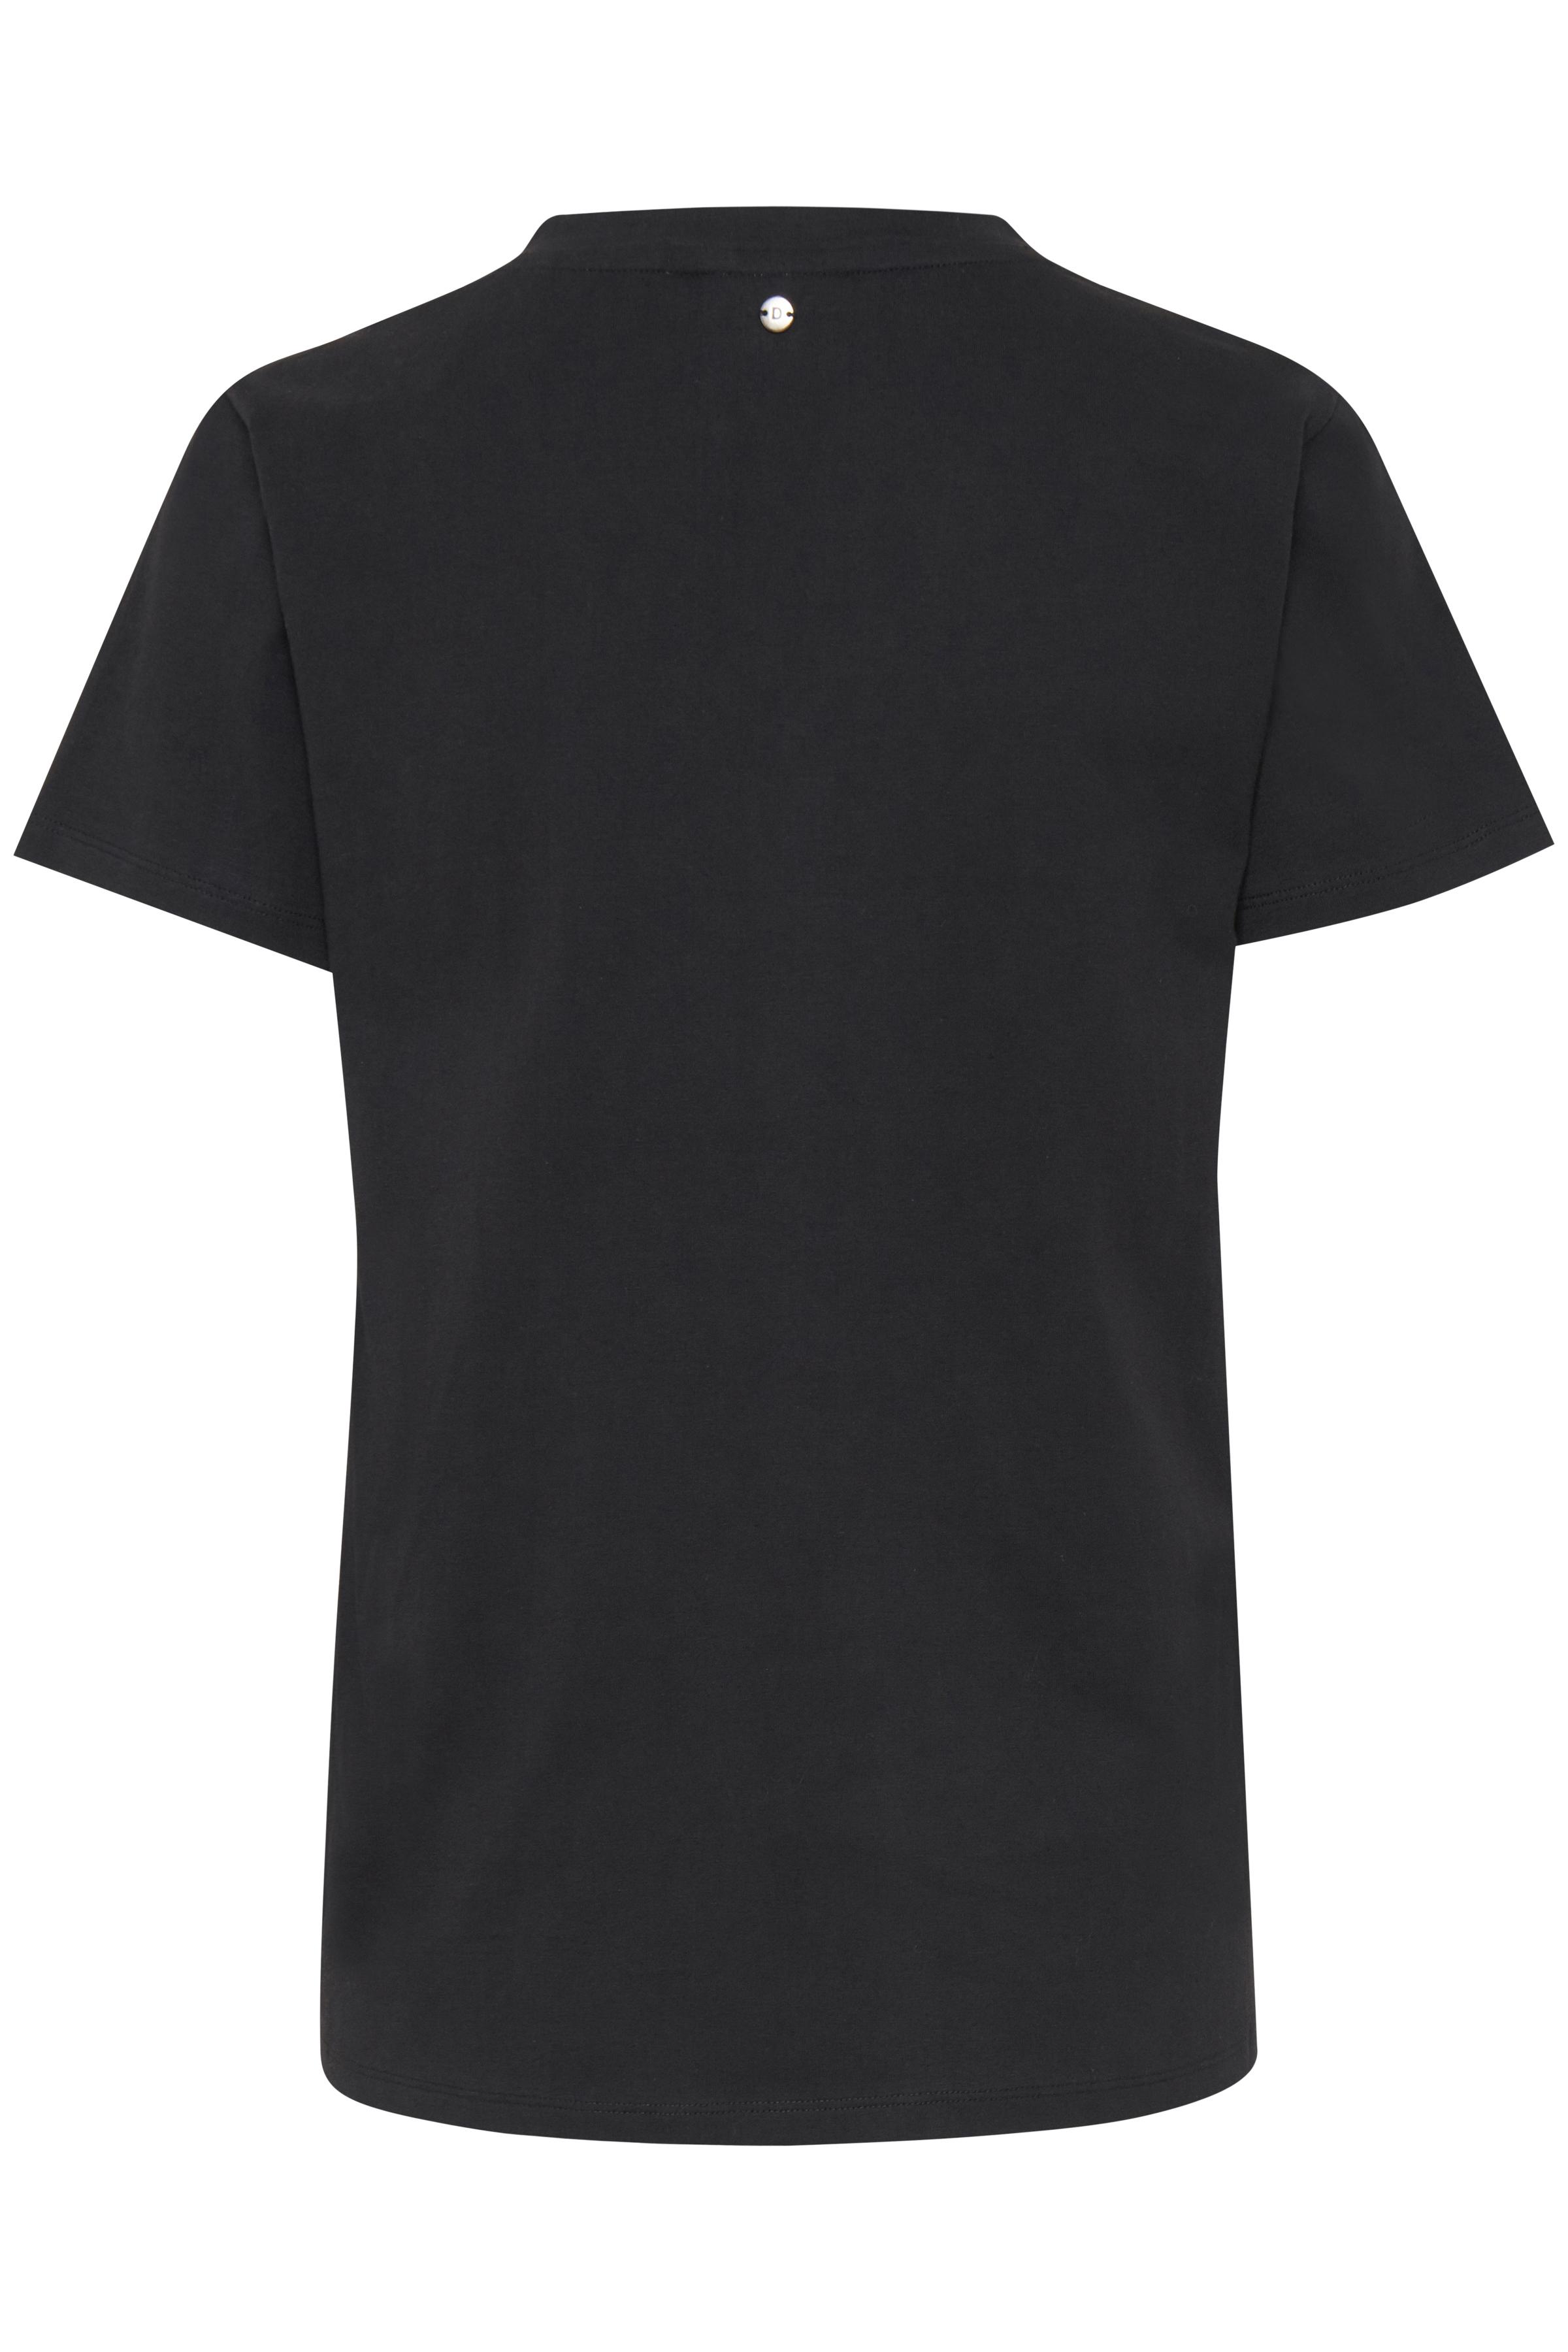 Svart Kortärmad T-shirt från Dranella – Köp Svart Kortärmad T-shirt från stl. XS-XXL här